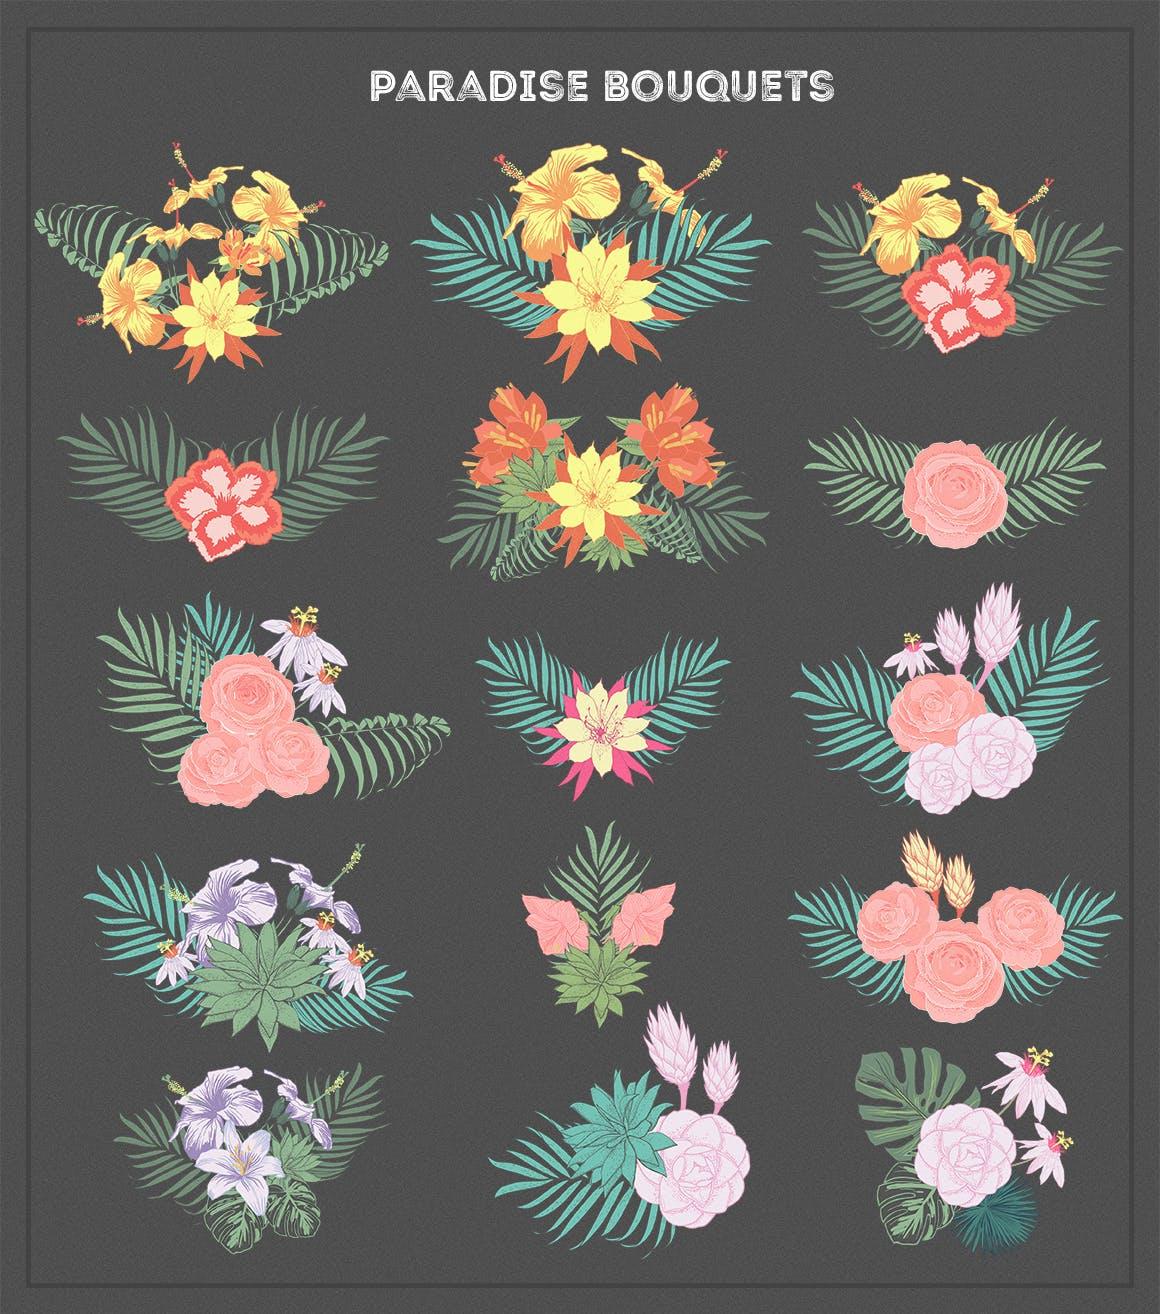 手绘天堂花 花朵背景装饰无缝图案布纹理designshidai_beijing153